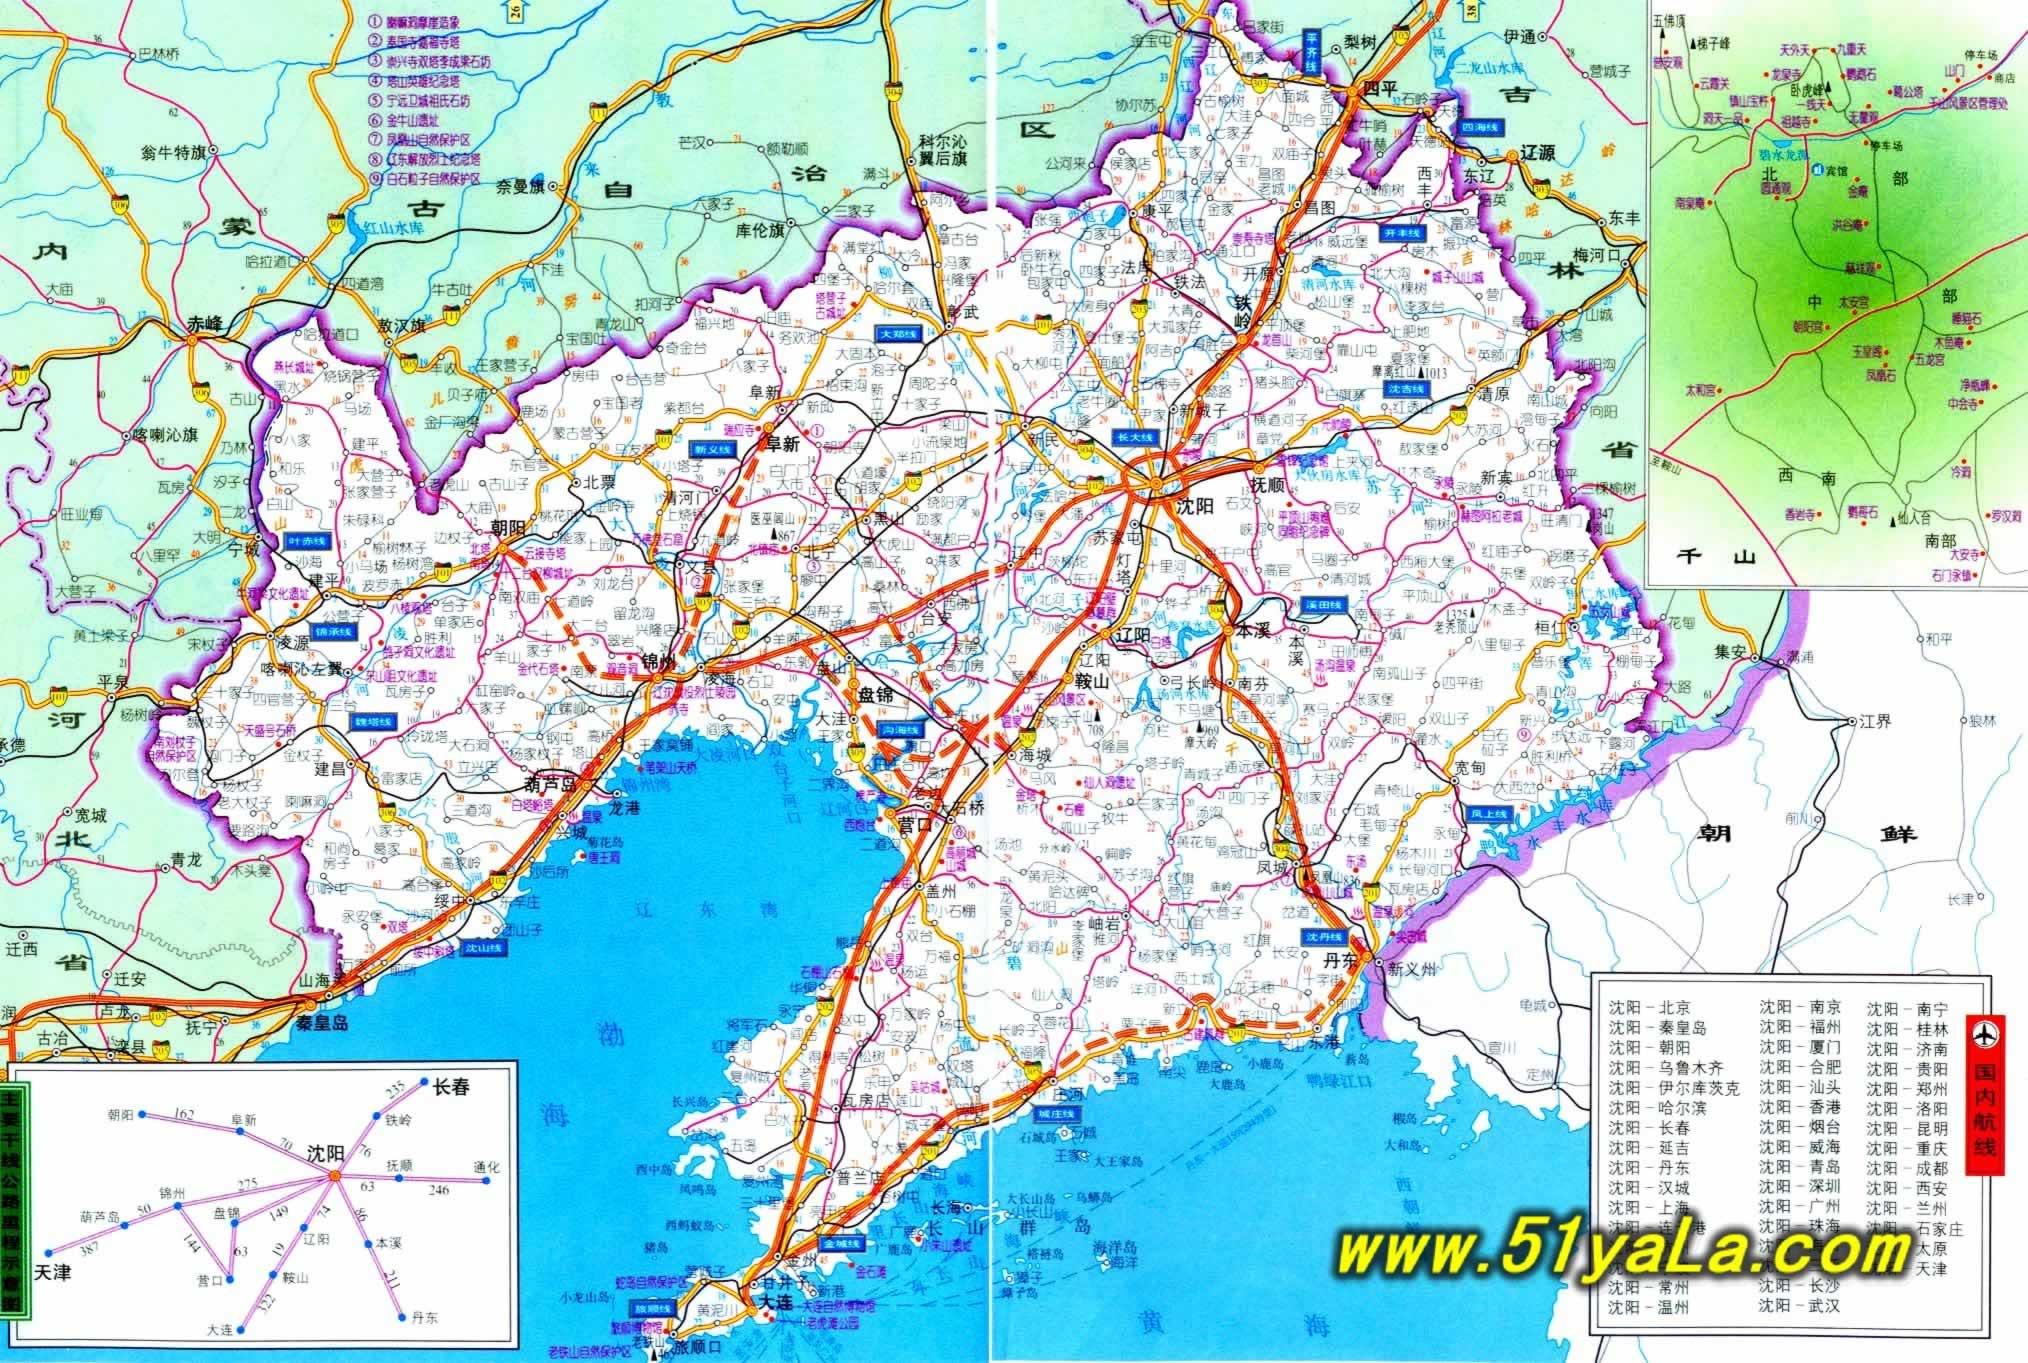 辽宁旅游地图 辽宁旅游地图介绍